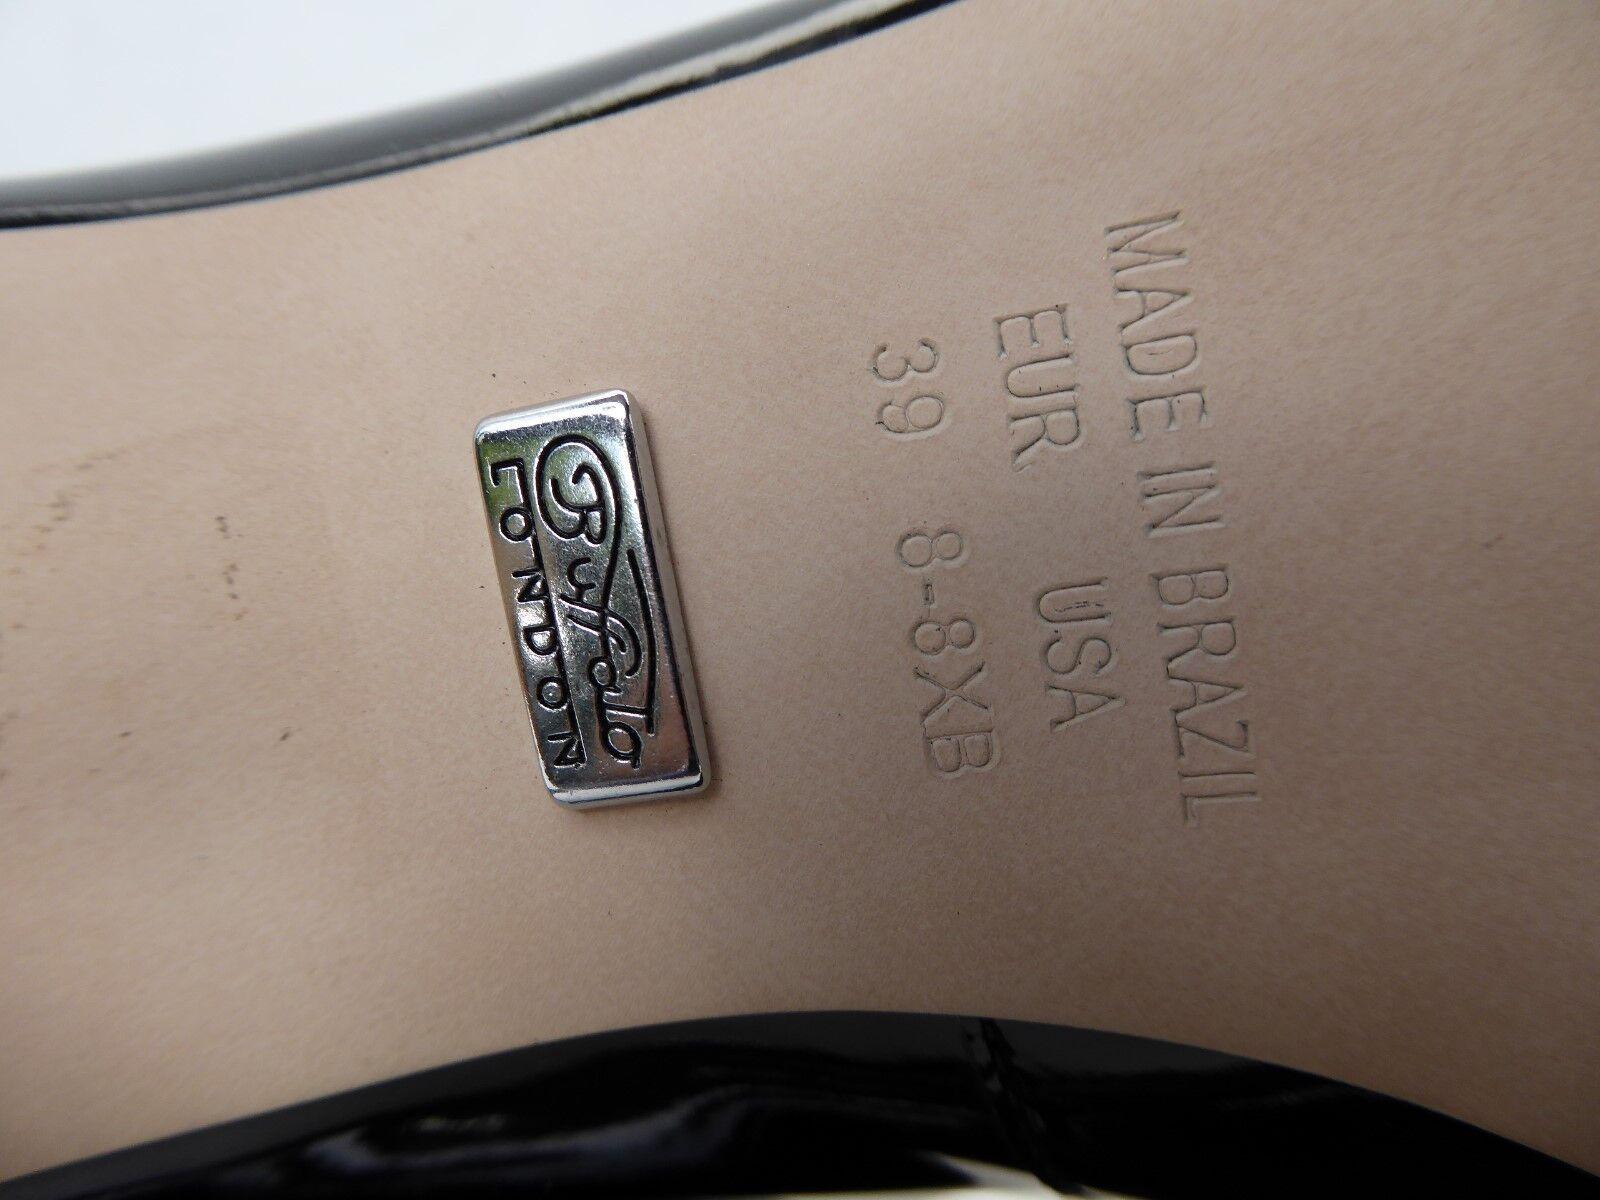 BUFFALO London escarpins CUIR CUIR escarpins vernis noir sexy t 39 PARFAIT ETAT e01d1f